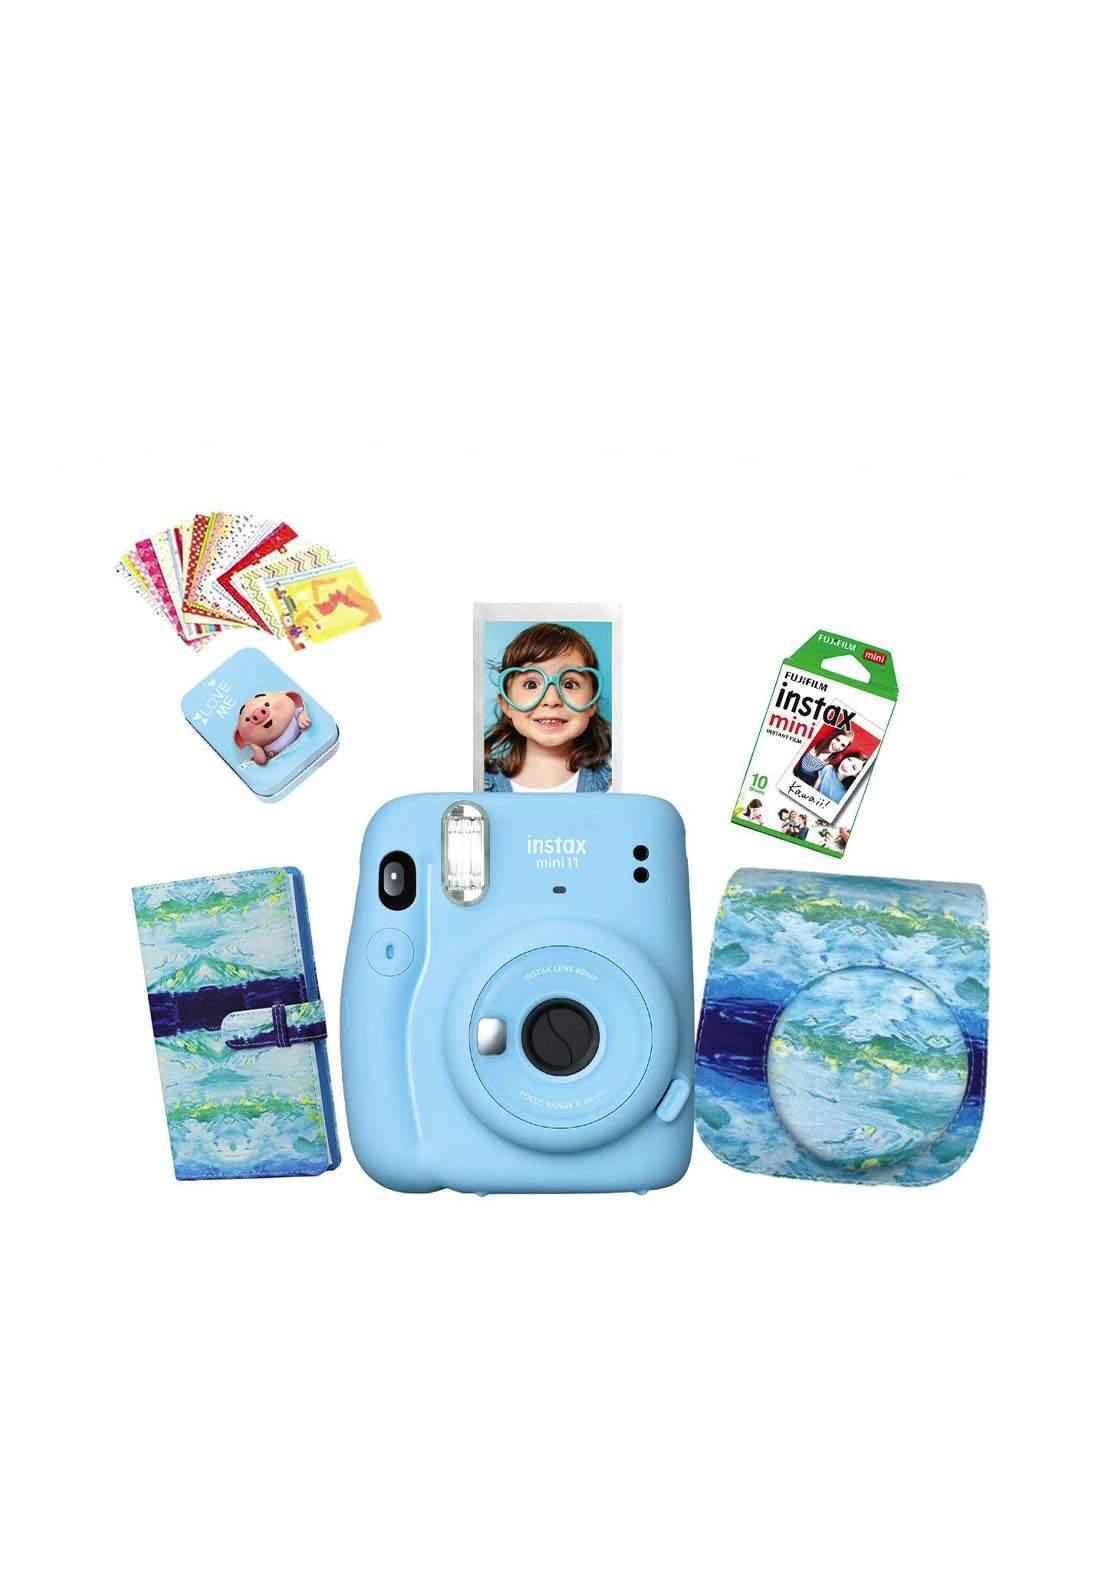 Fujifilm Instax LifeStyle Pack Mini11 Camera Package - Blue كاميرا فورية